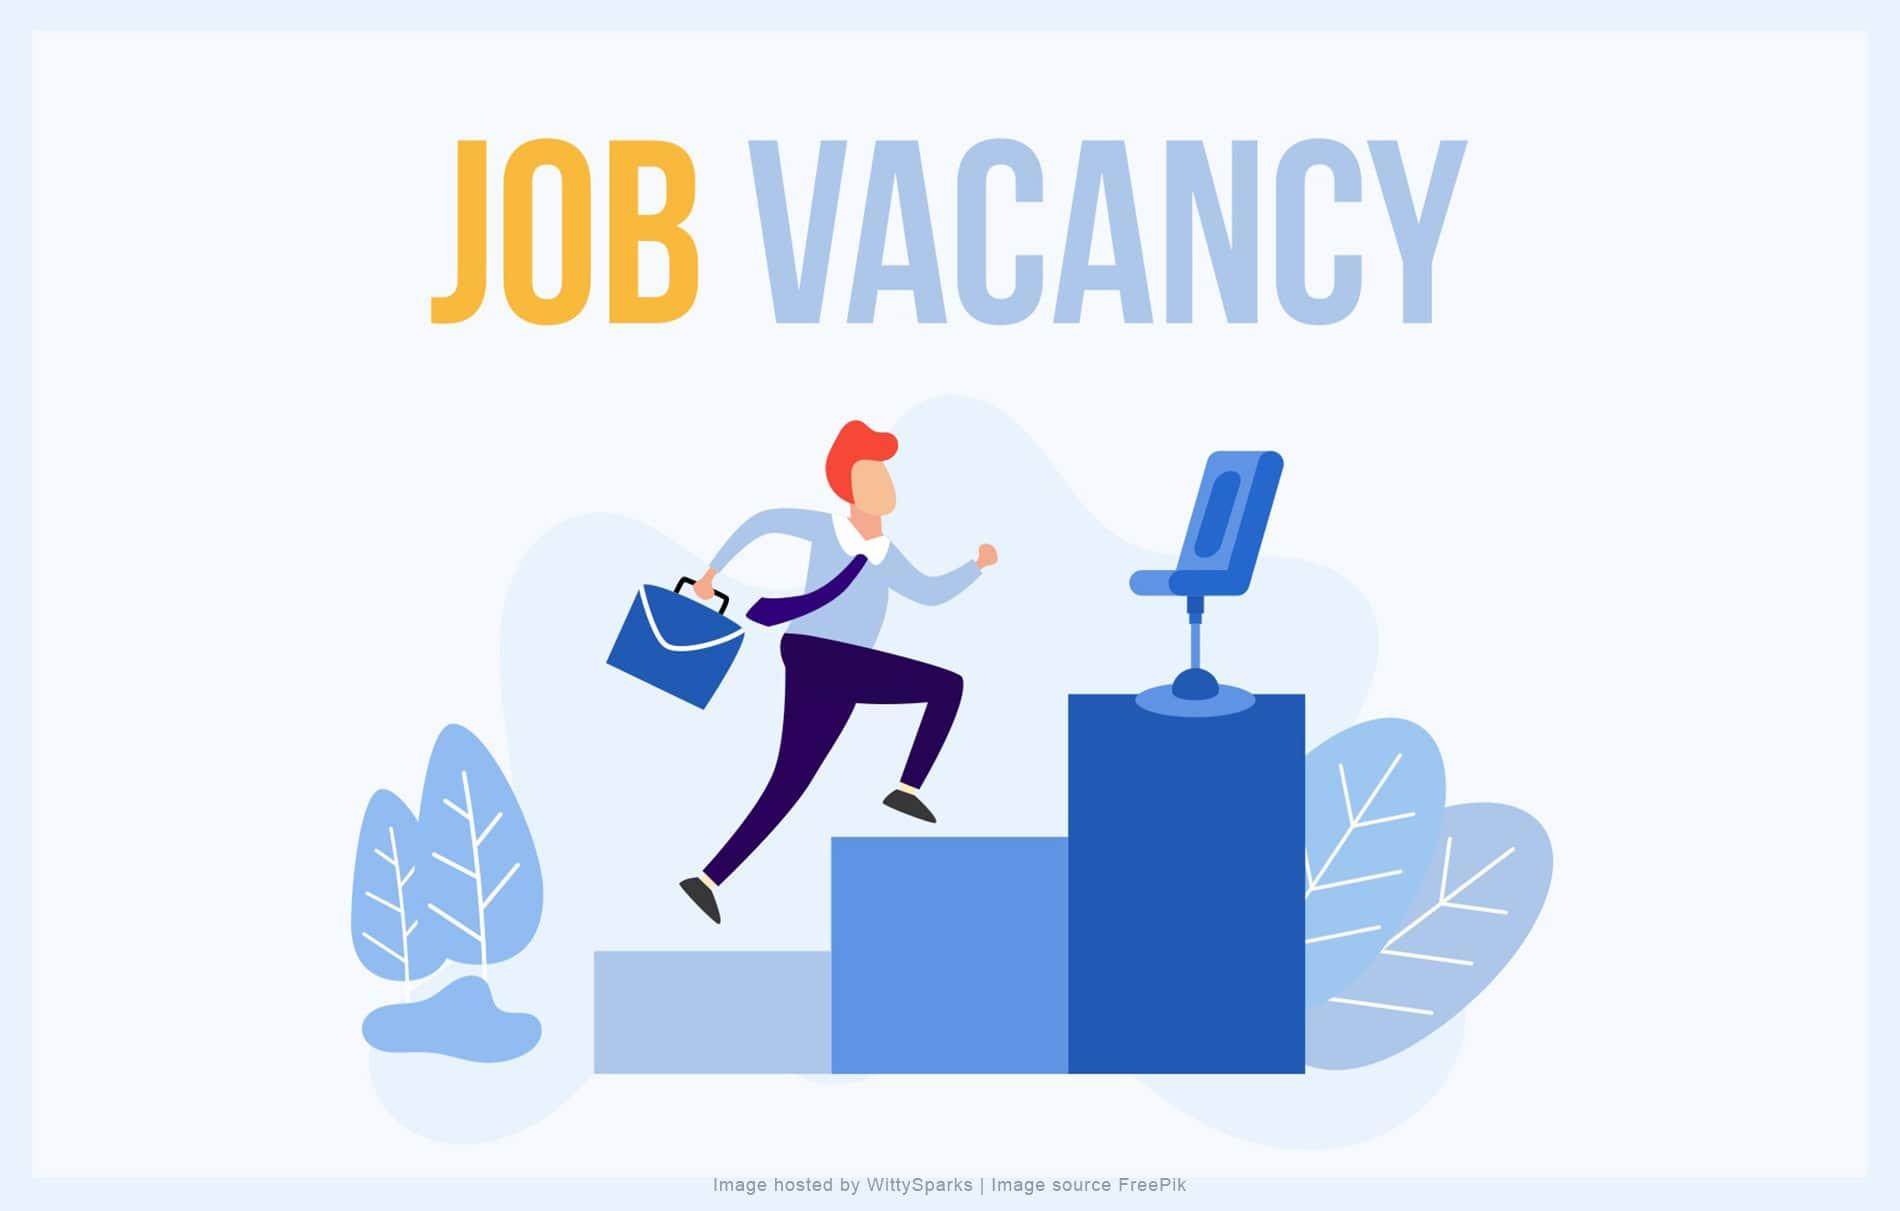 Job Vacancy and Career Opportunities